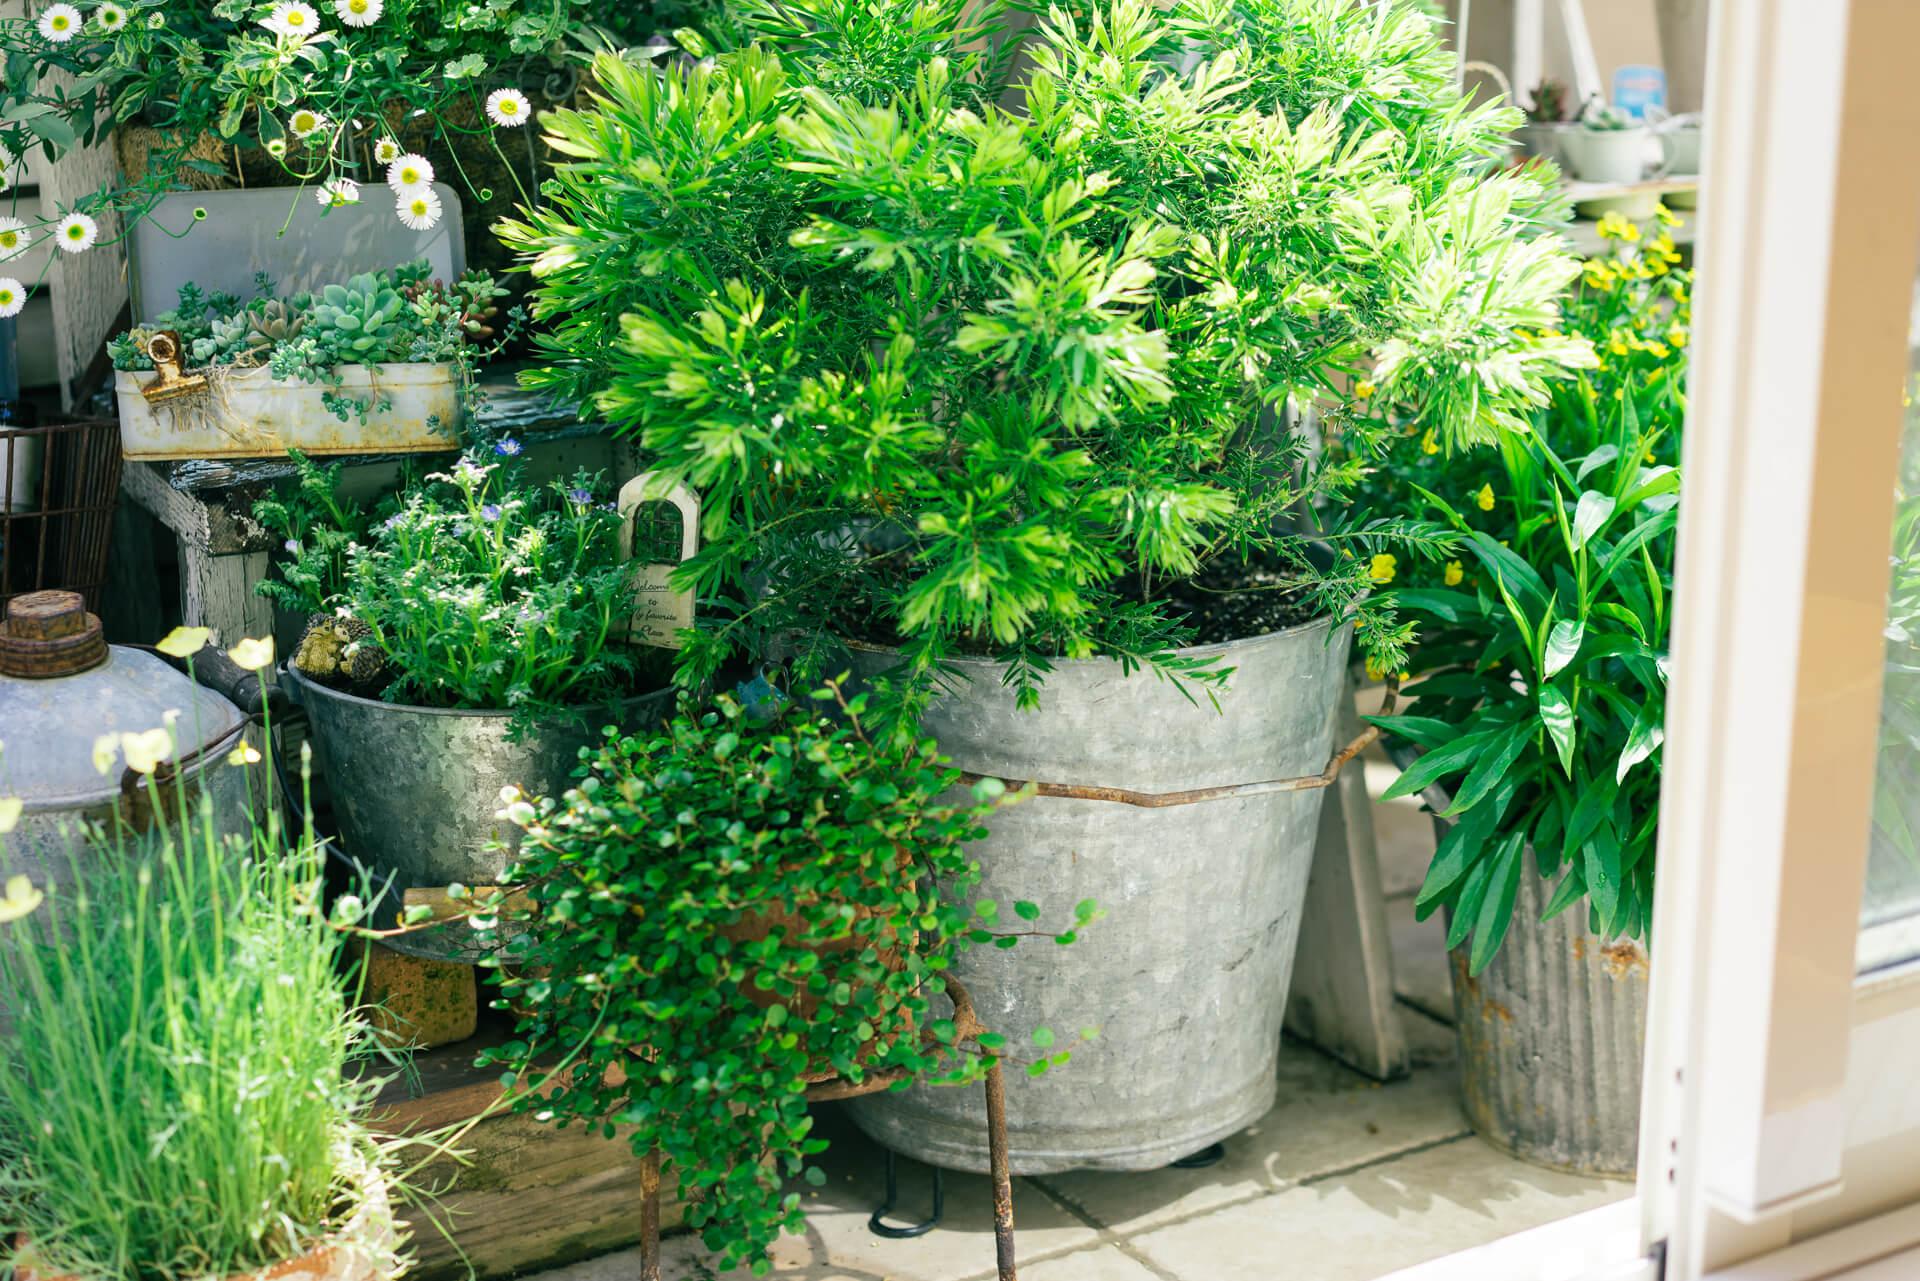 アカシアテレサの植えられた大きなバケツは、おばあちゃんのお家にあったもの。植物用の鉢ではないものも、電動ドリルで穴をあけて上手に活用します。